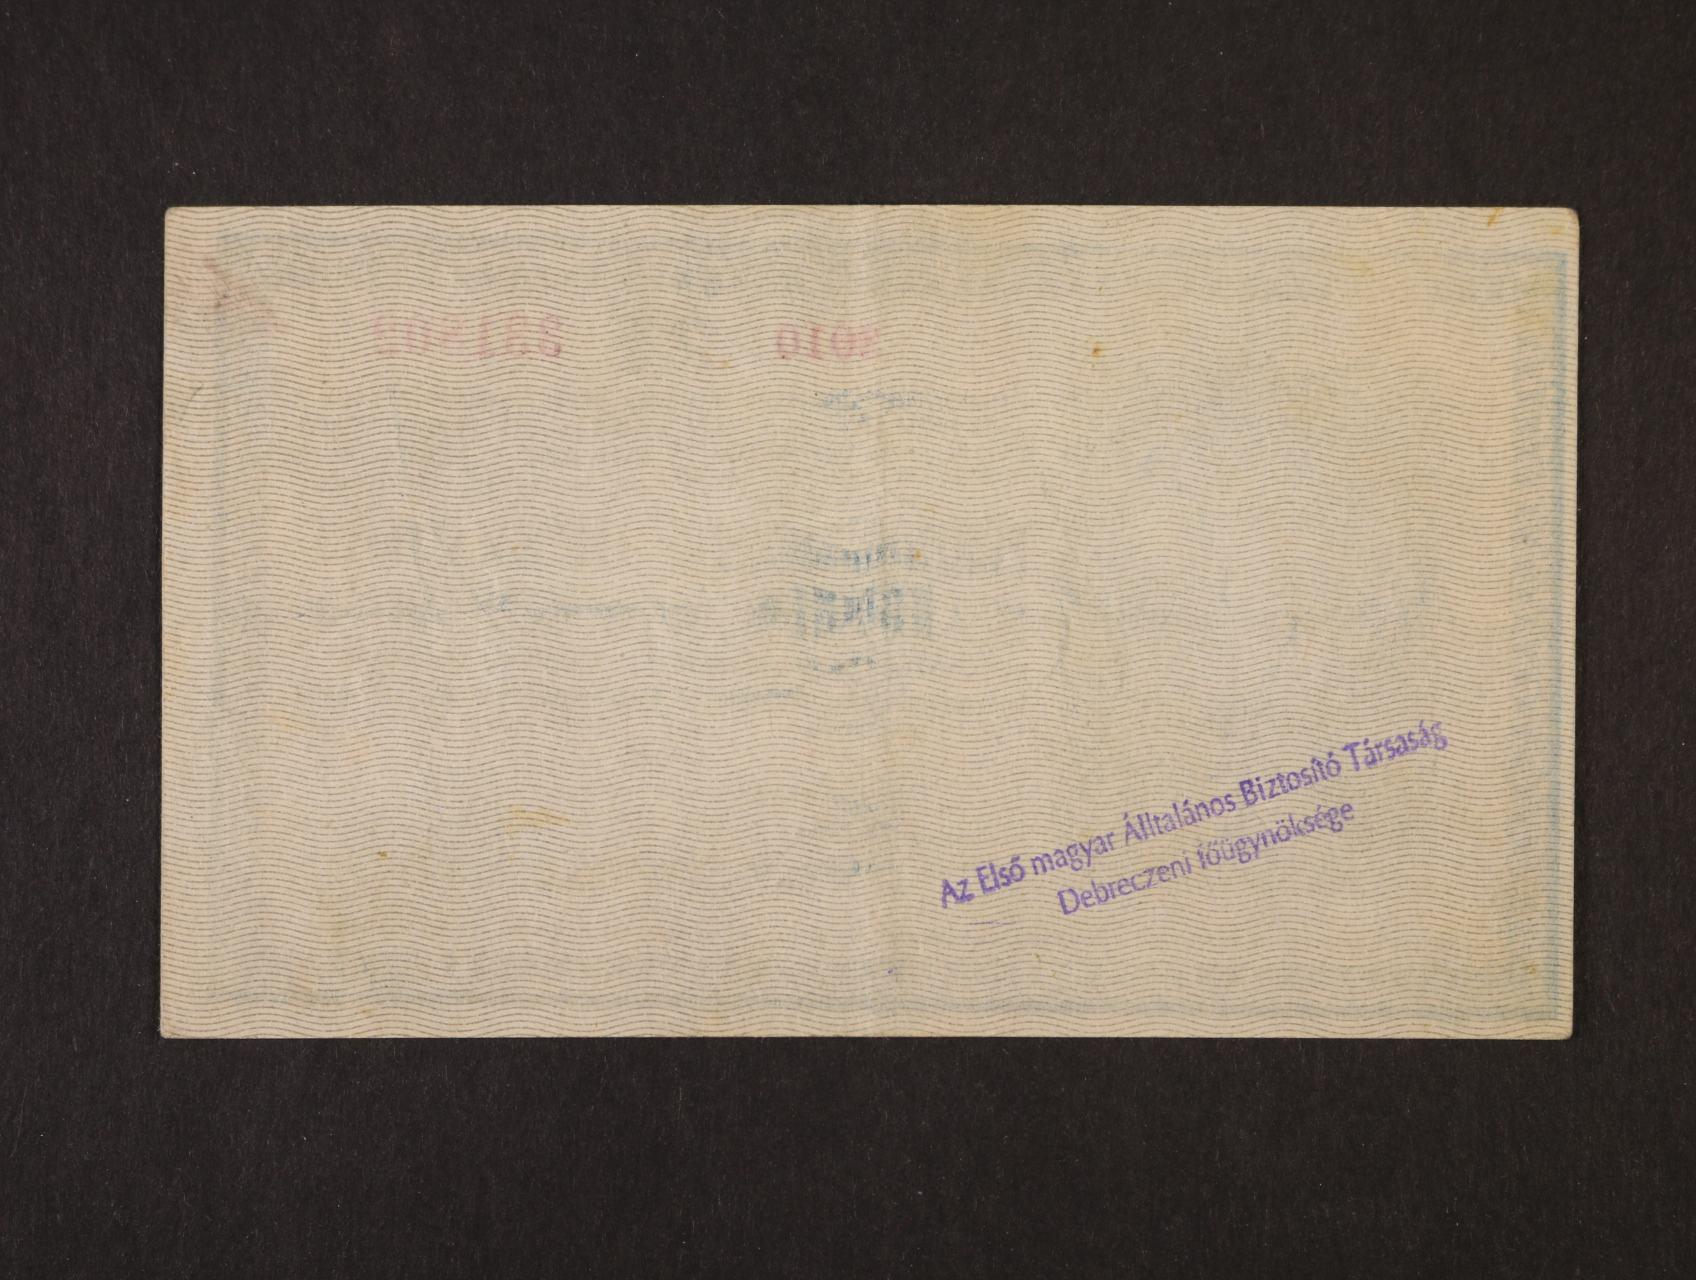 25 K 1918 série 3010 s podtiskem na R s maďarským řádkovým raz. na rubové straně z okupace rumunského území